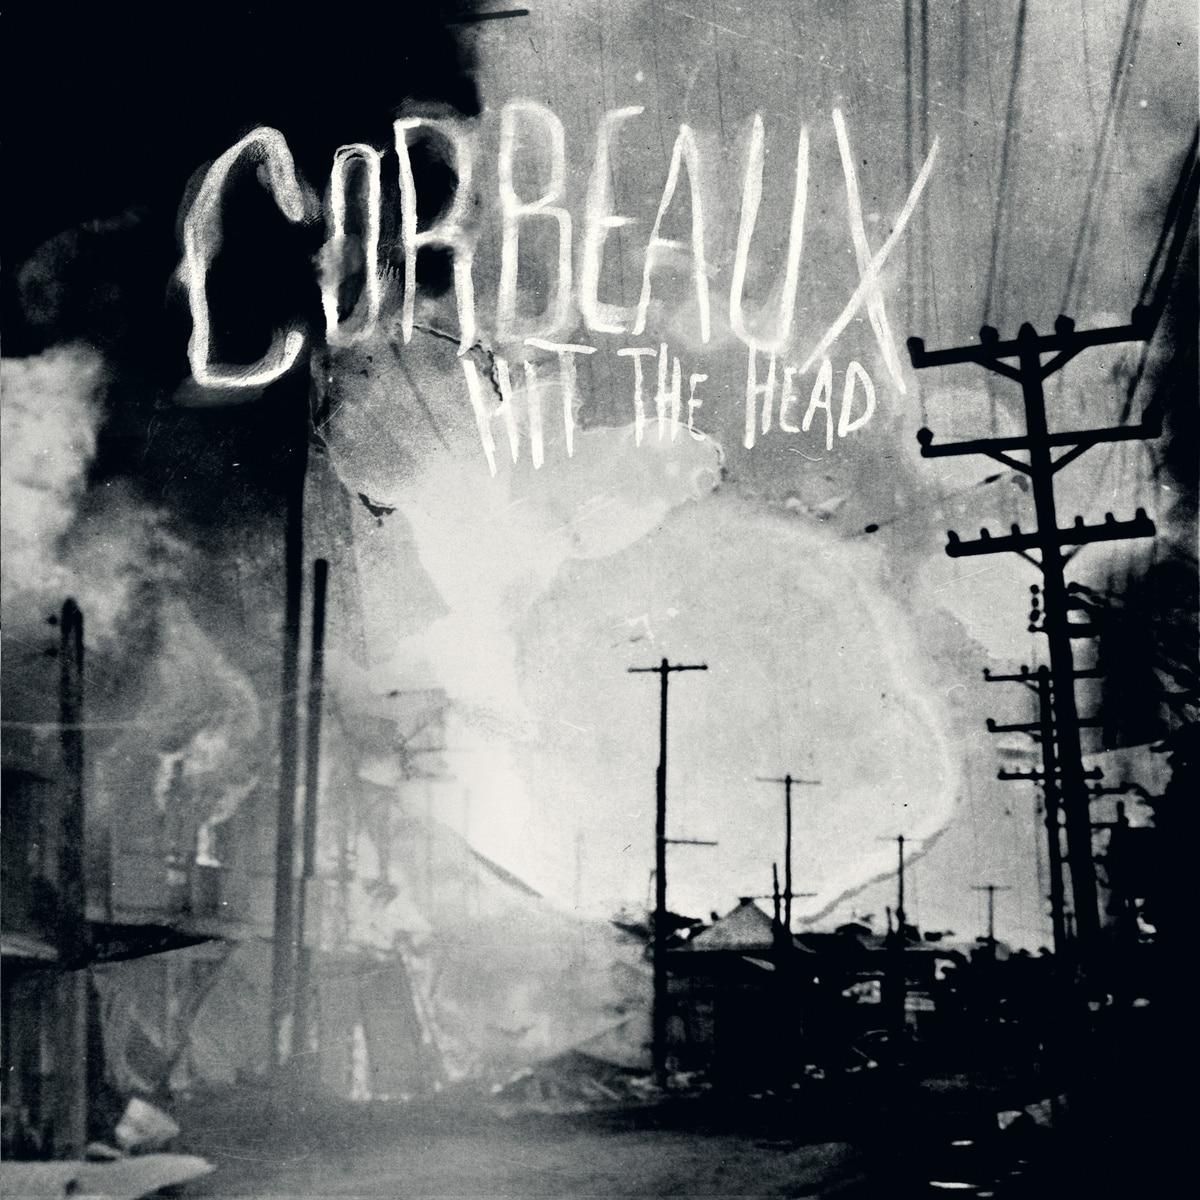 Corbeaux Hit the head